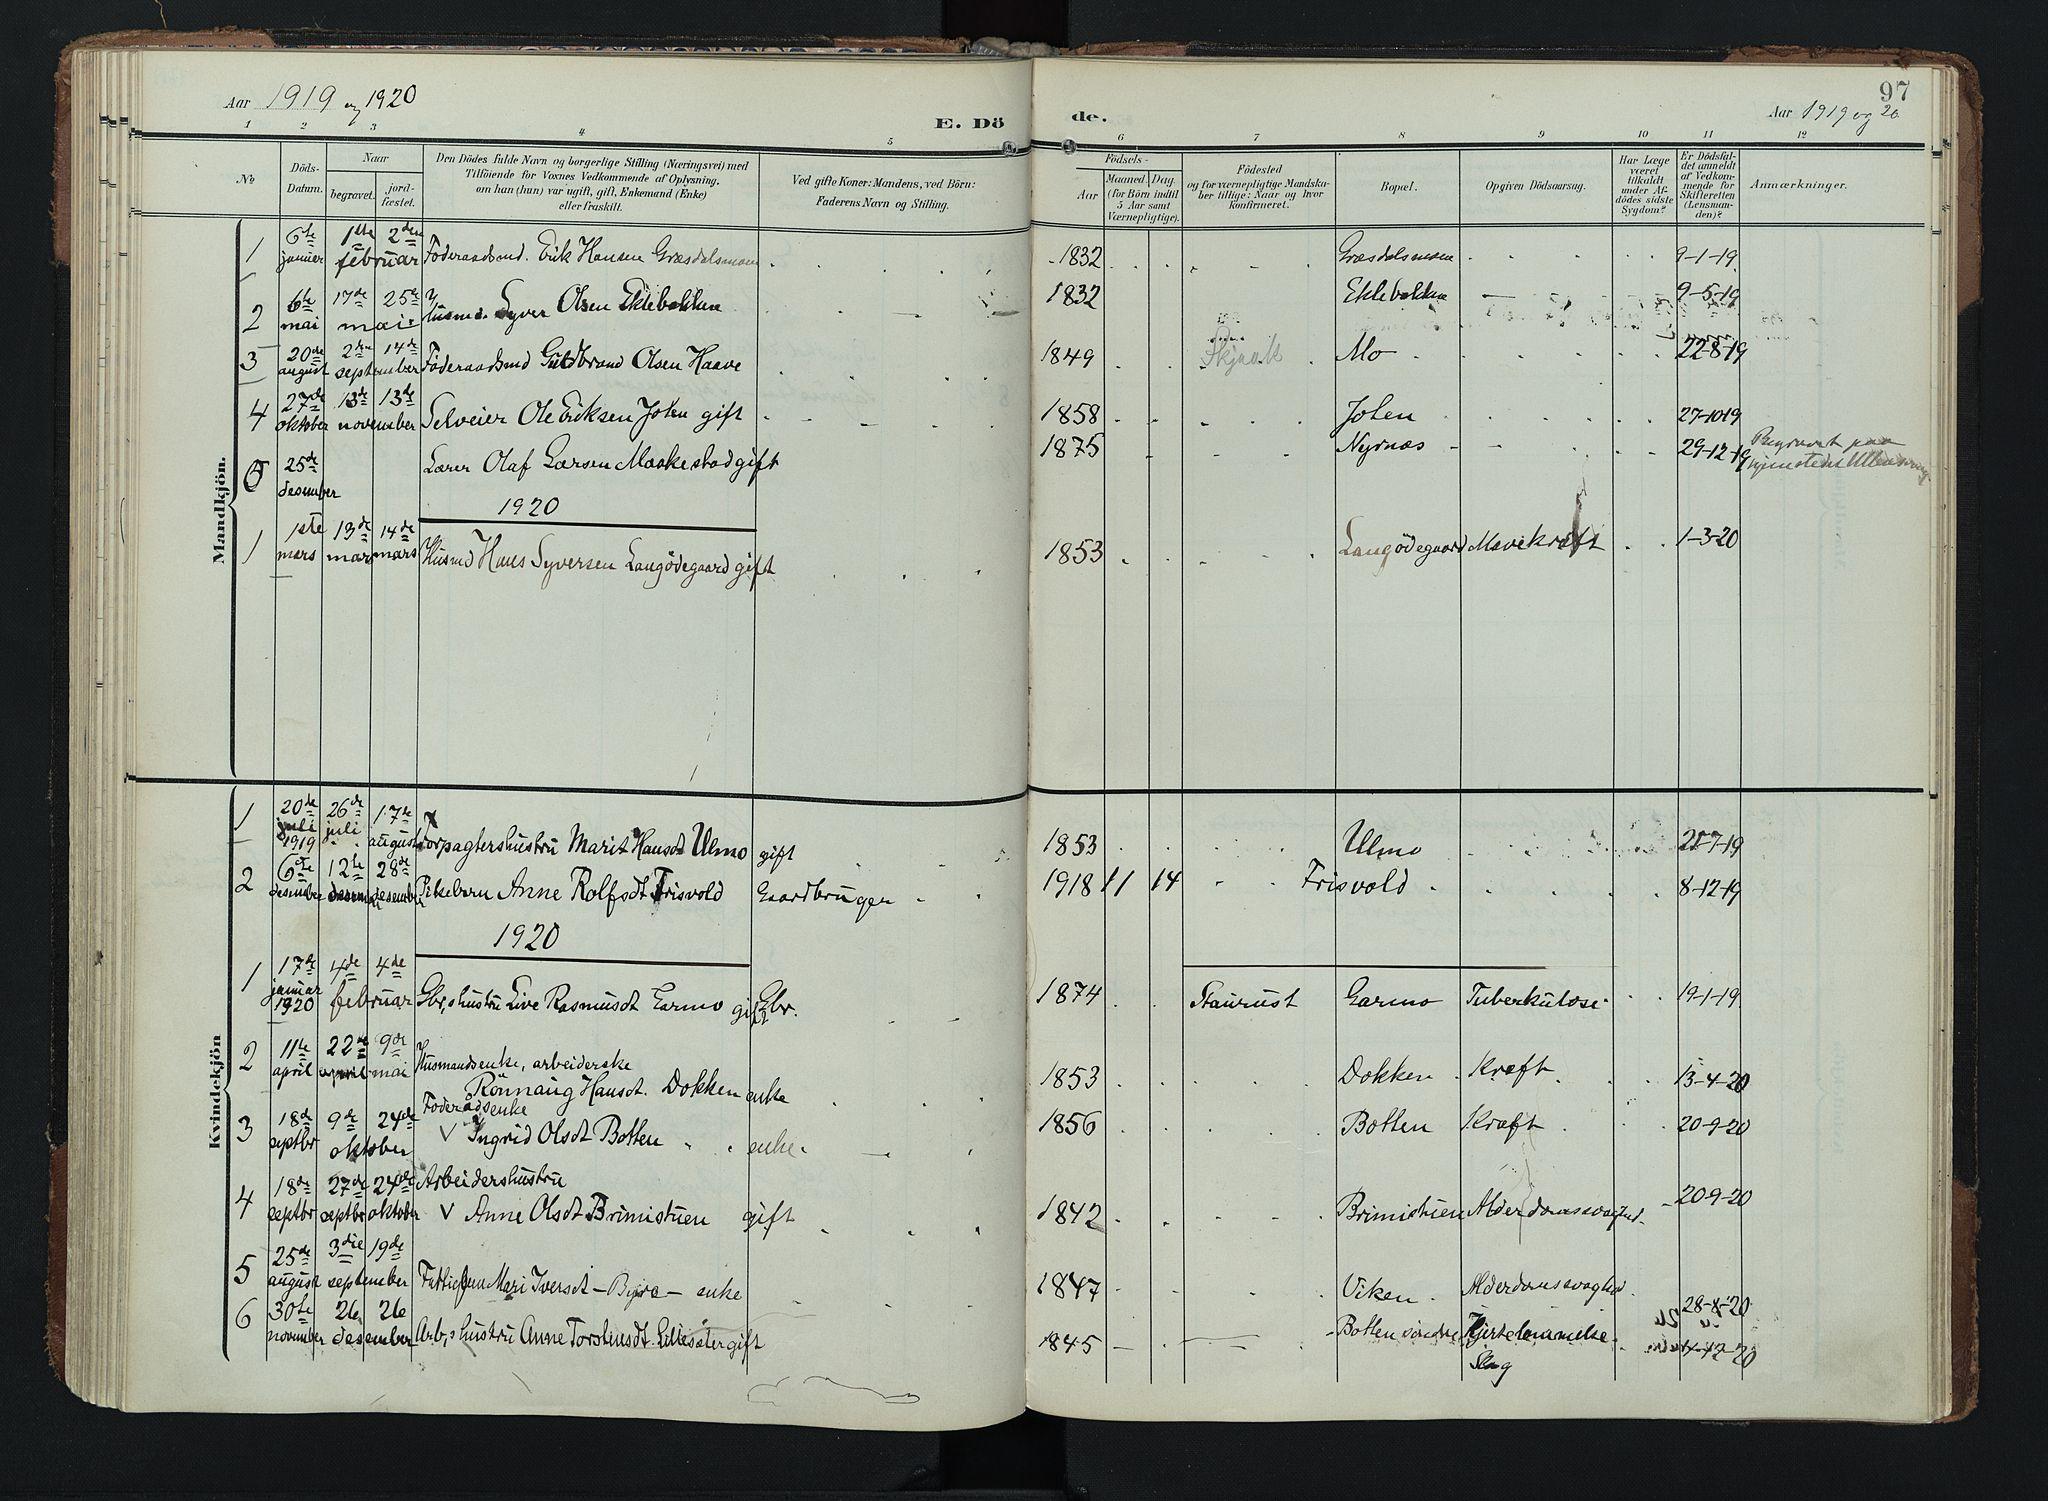 SAH, Lom prestekontor, K/L0011: Ministerialbok nr. 11, 1904-1928, s. 97